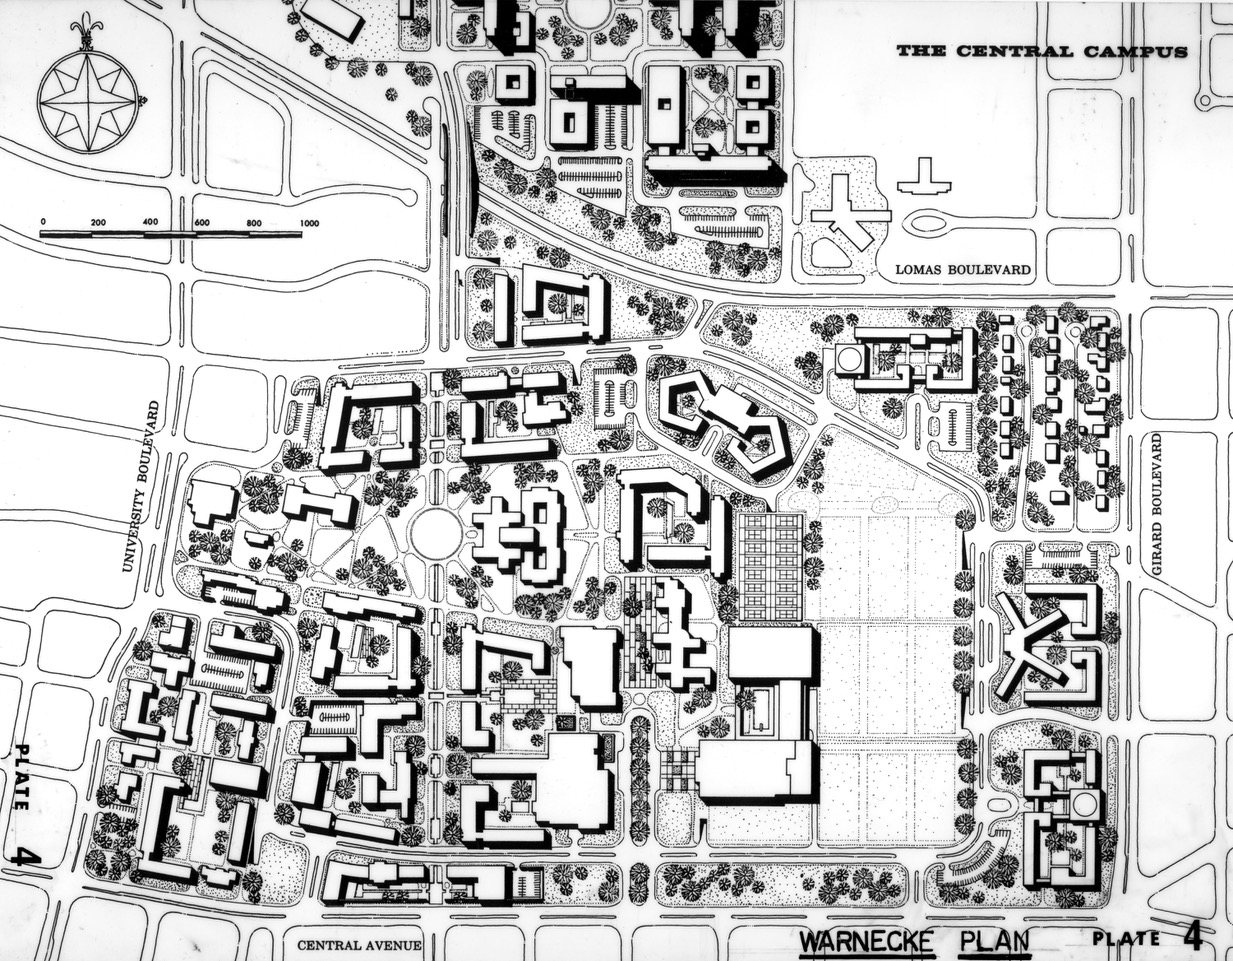 Image #7 Warnecke Campus Plan1959